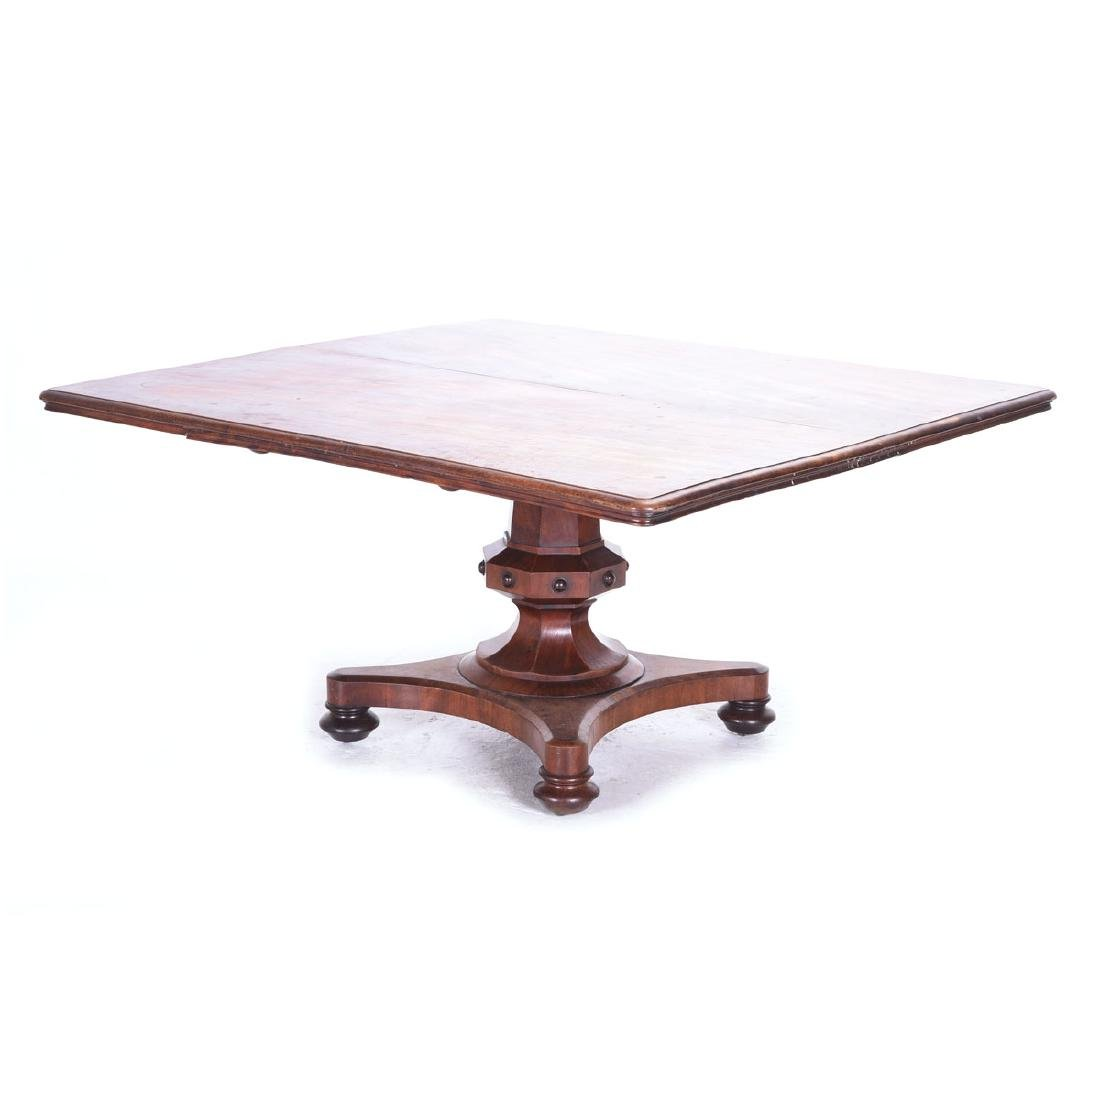 Early Victorian Mahogany Dining Table, Circa 1850